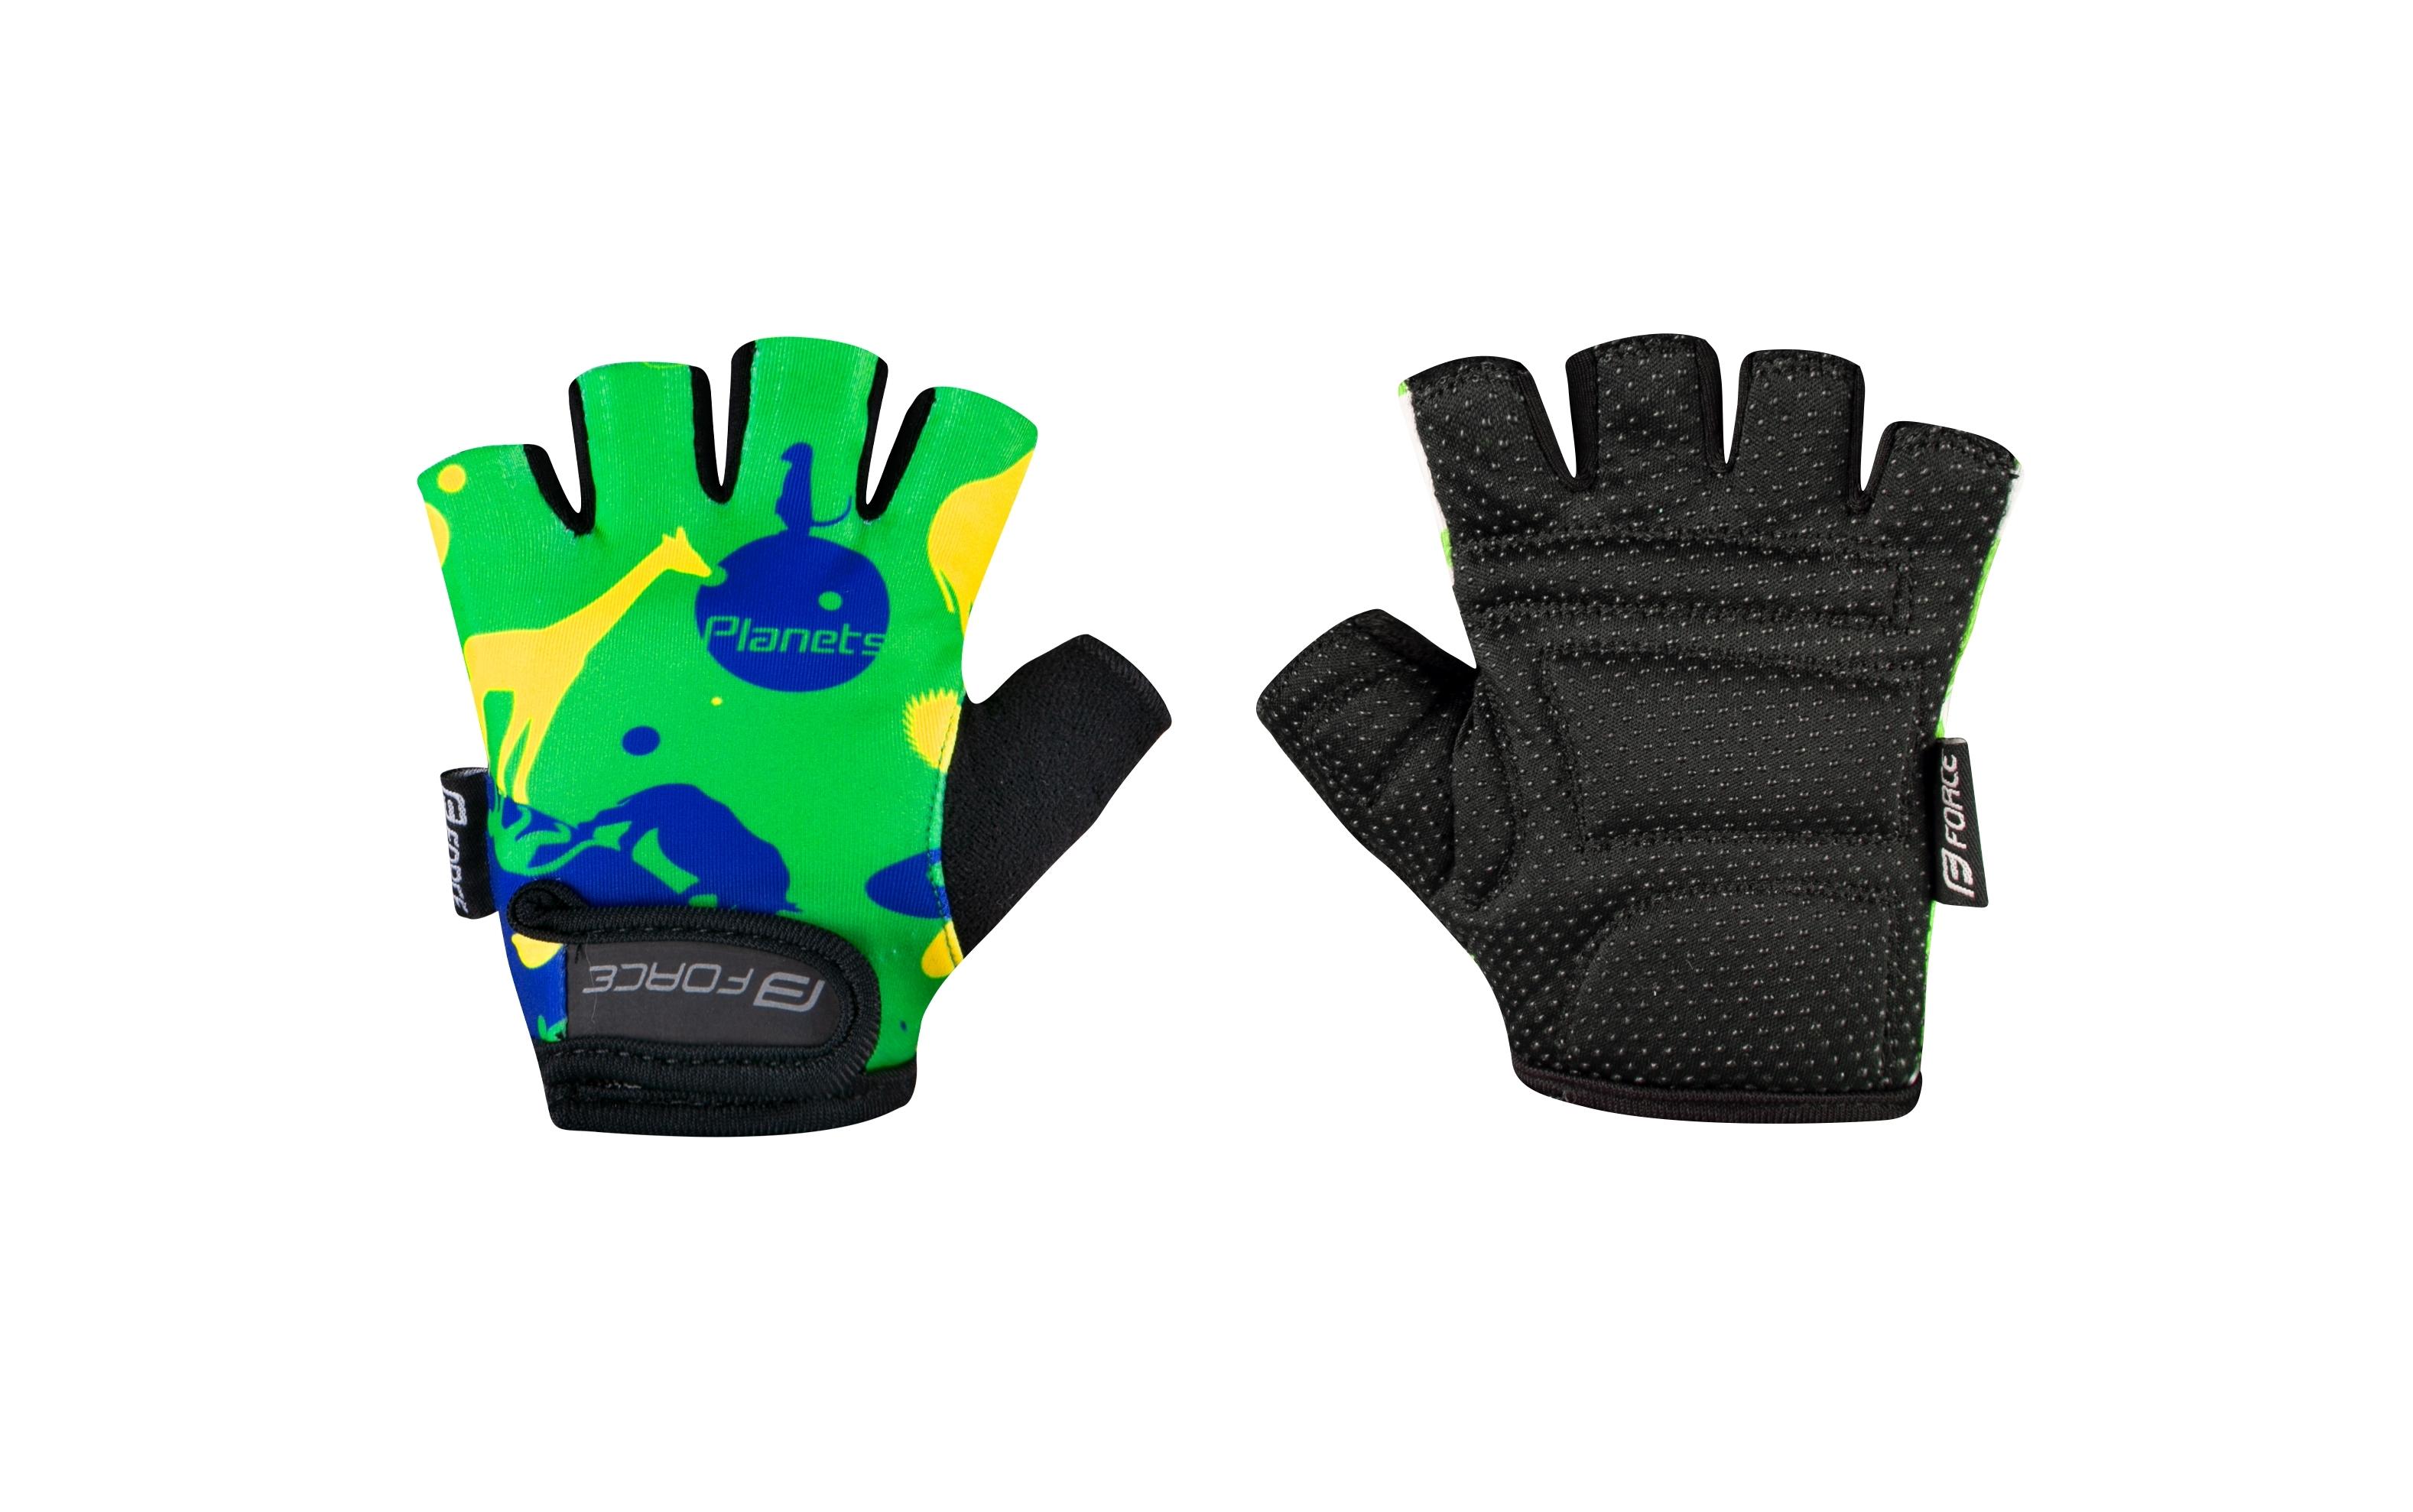 rukavice F PLANETS dětské, zeleno-žluté S